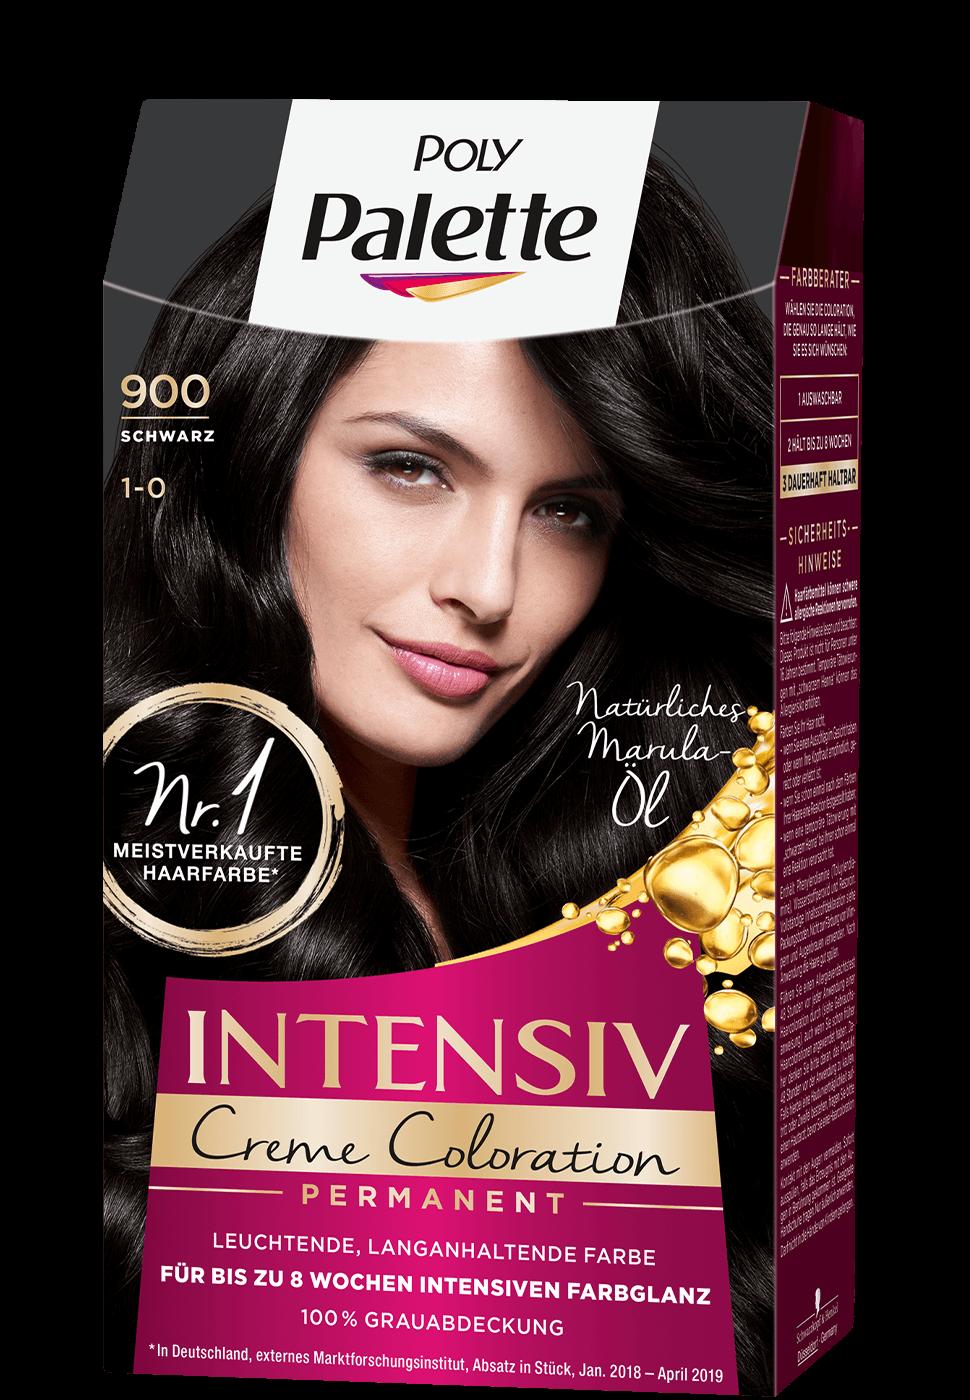 Thuốc nhuộm tóc phủ bạc Poly Palette mã 900 màu đen